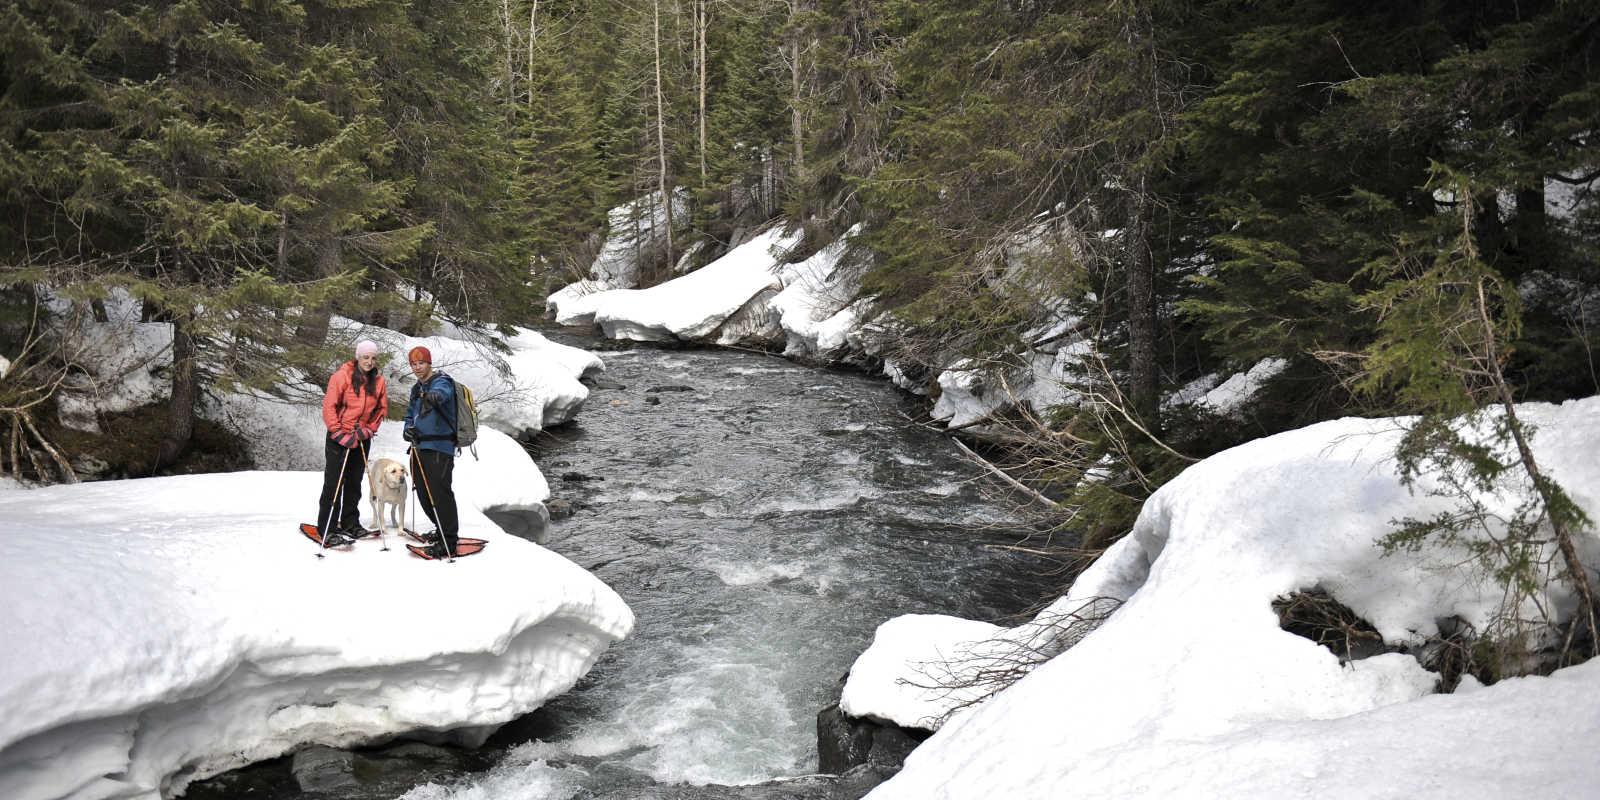 Snowshoeing Winner Creek near Girdwood in winter